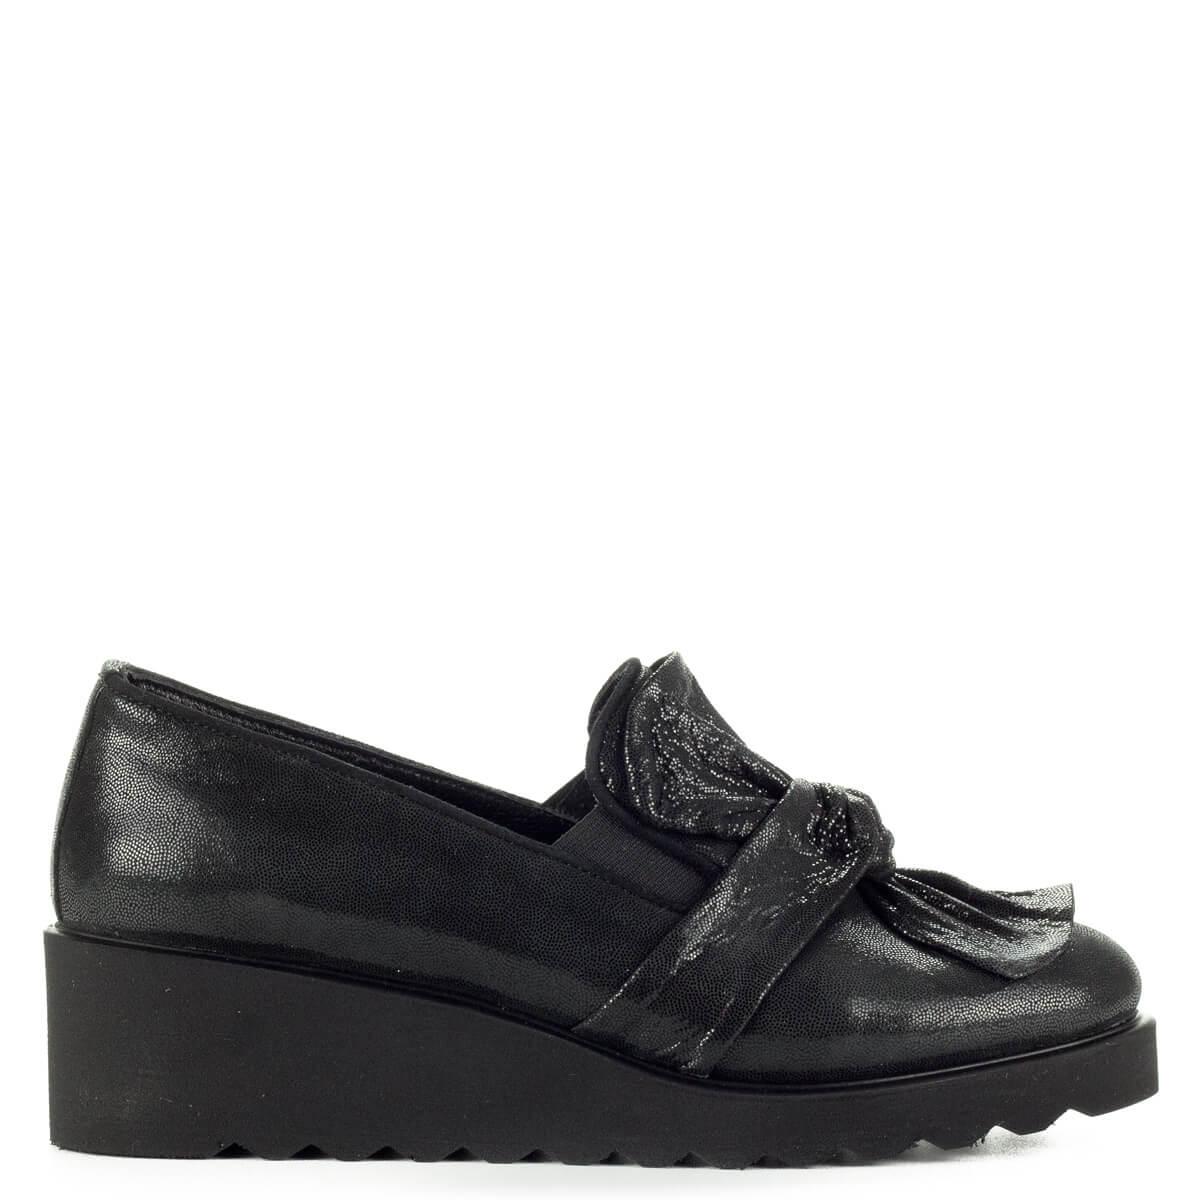 00d347ff6d Anna Viotti fekete masnis slipon cipő vastag gumi talppal. A cipő  természetes bőrből készült, ...